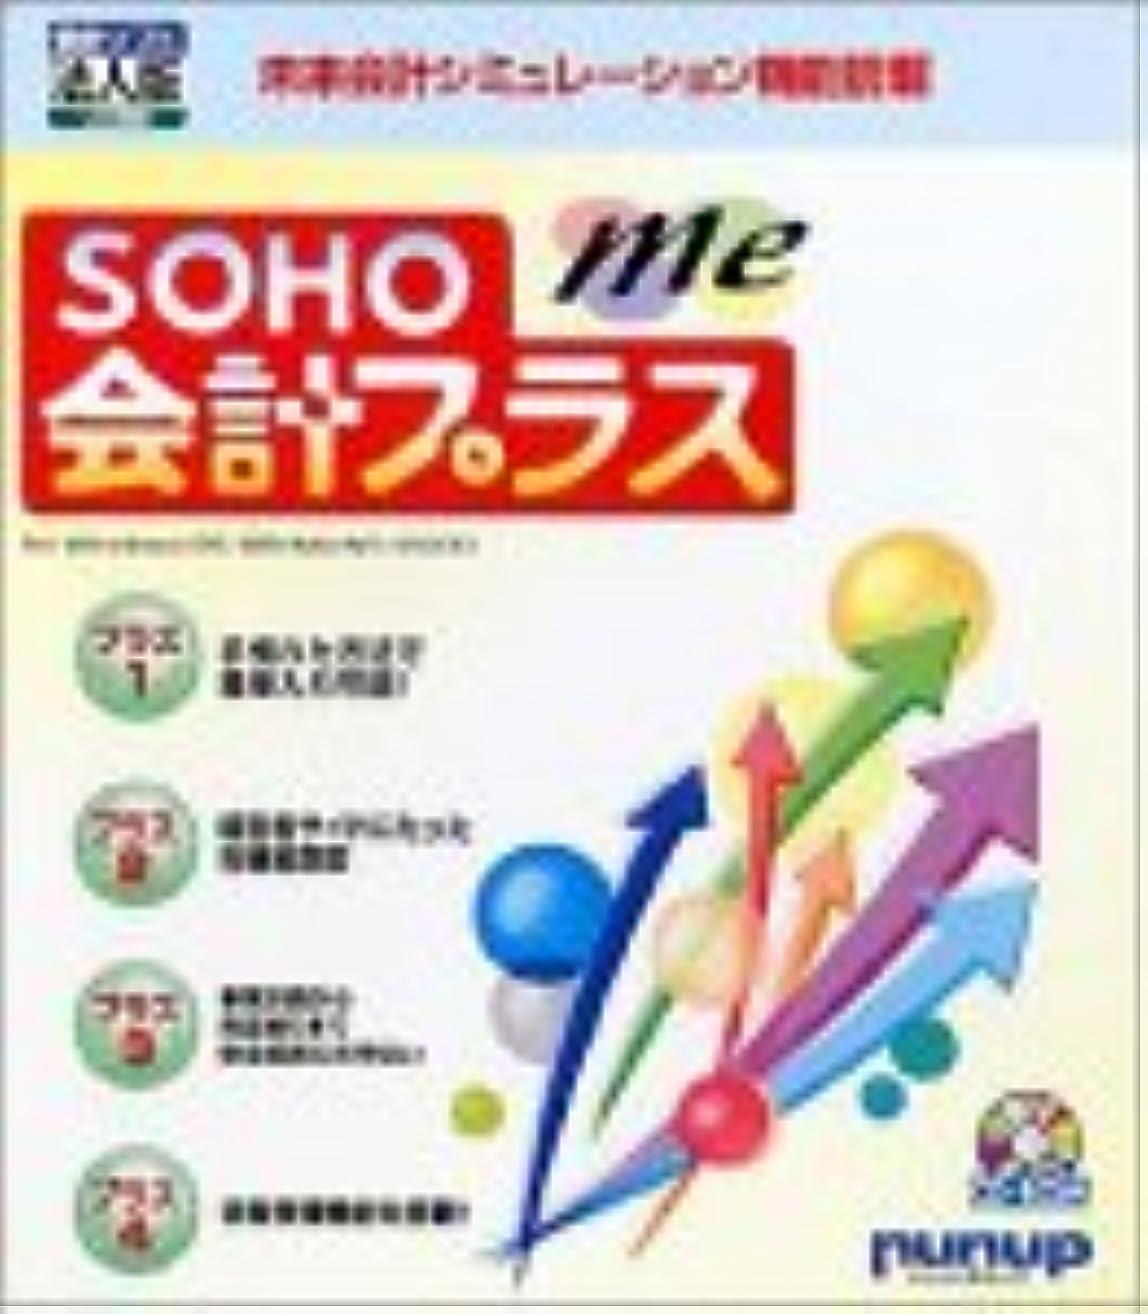 かろうじてトラフ友情SOHO会計プラスMe V1.5 法人版